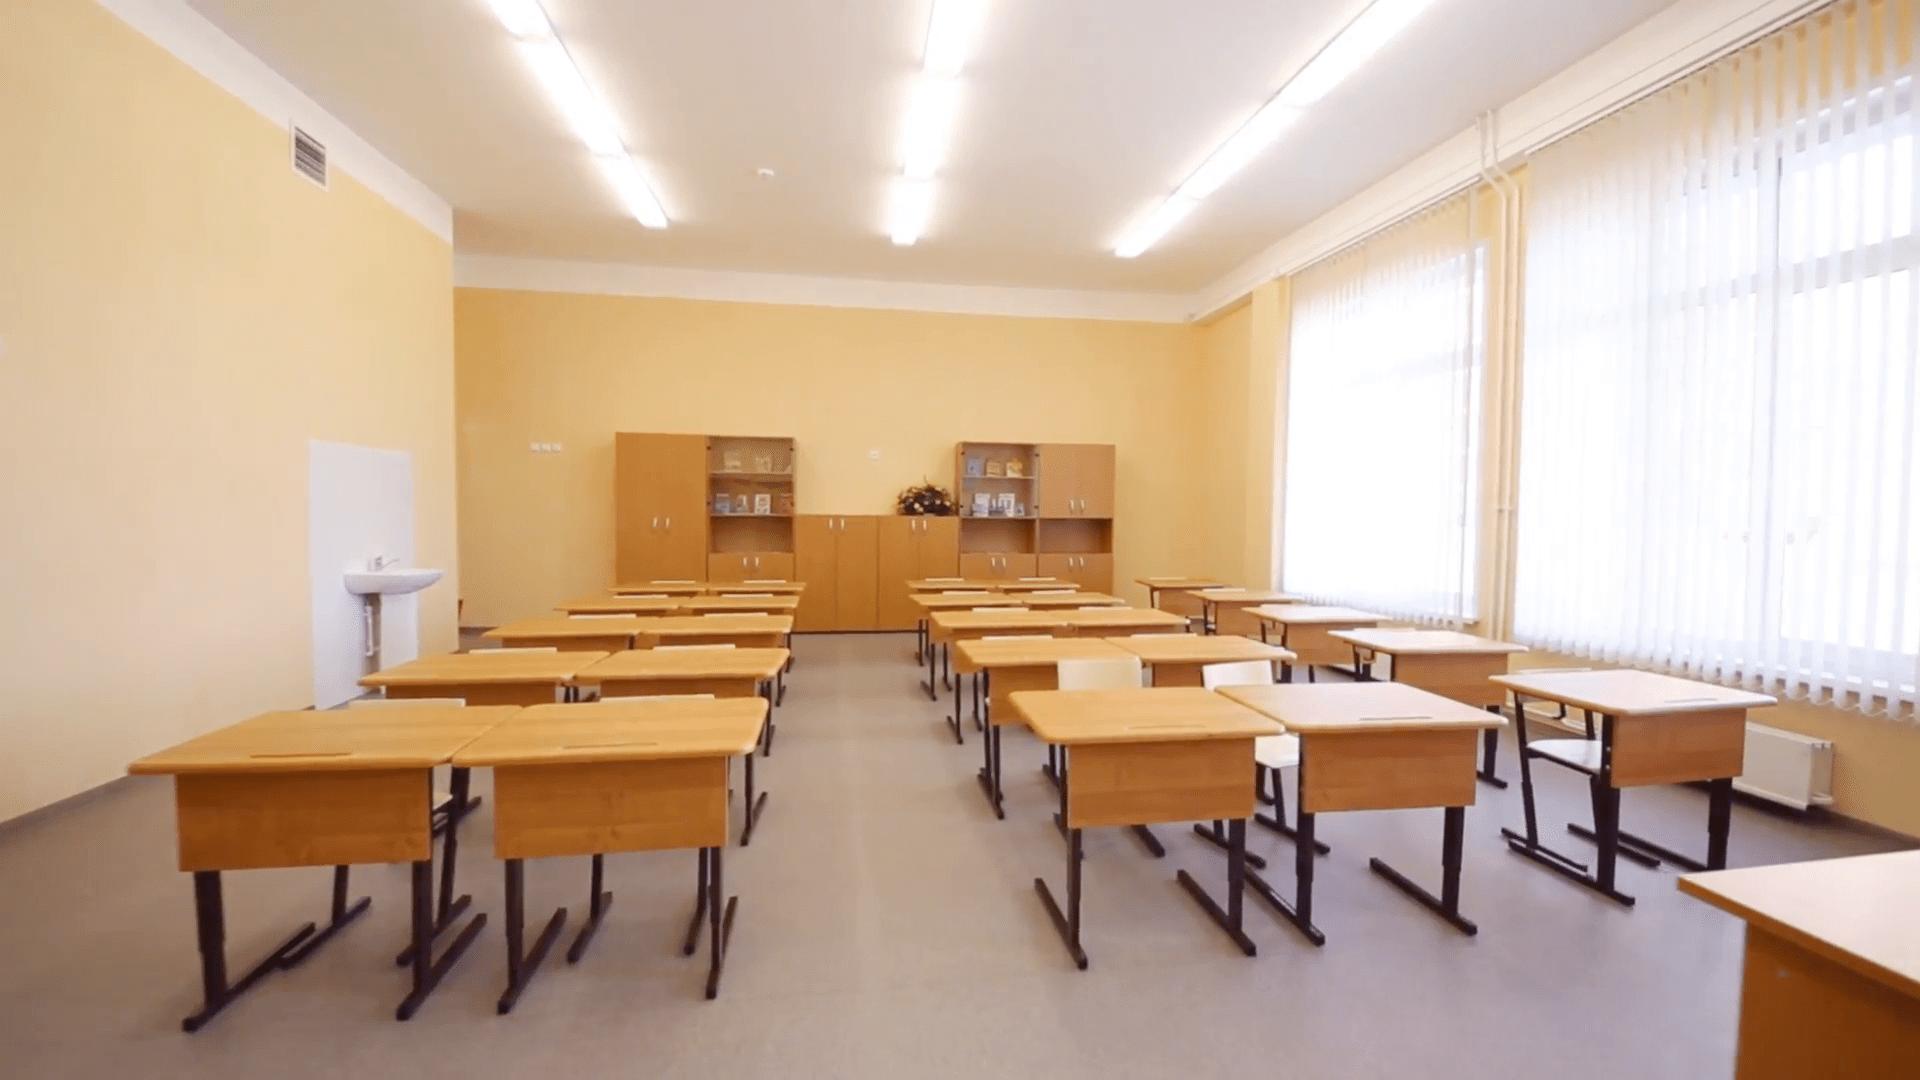 Principala cauză a abandonului şcolar: părinţilor le e prea lene să ducă copiii la şcoală